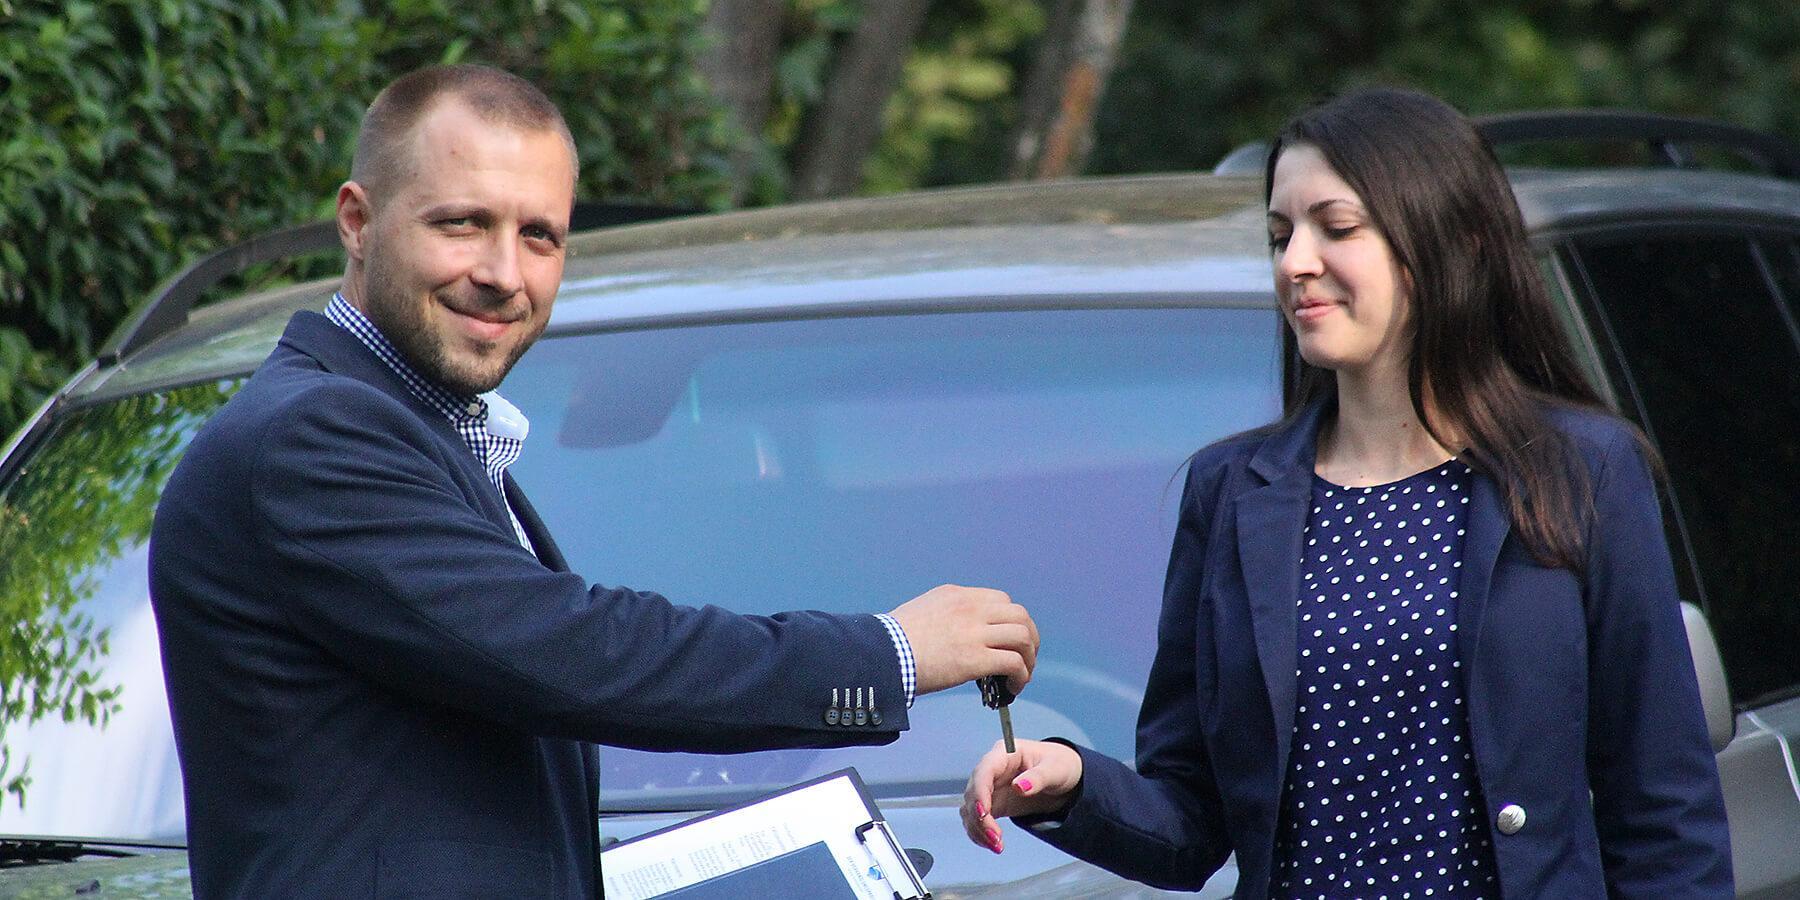 Hilfe beim Autokauf & -verkauf, Vermittlungen und Fahrzeugüberführungen